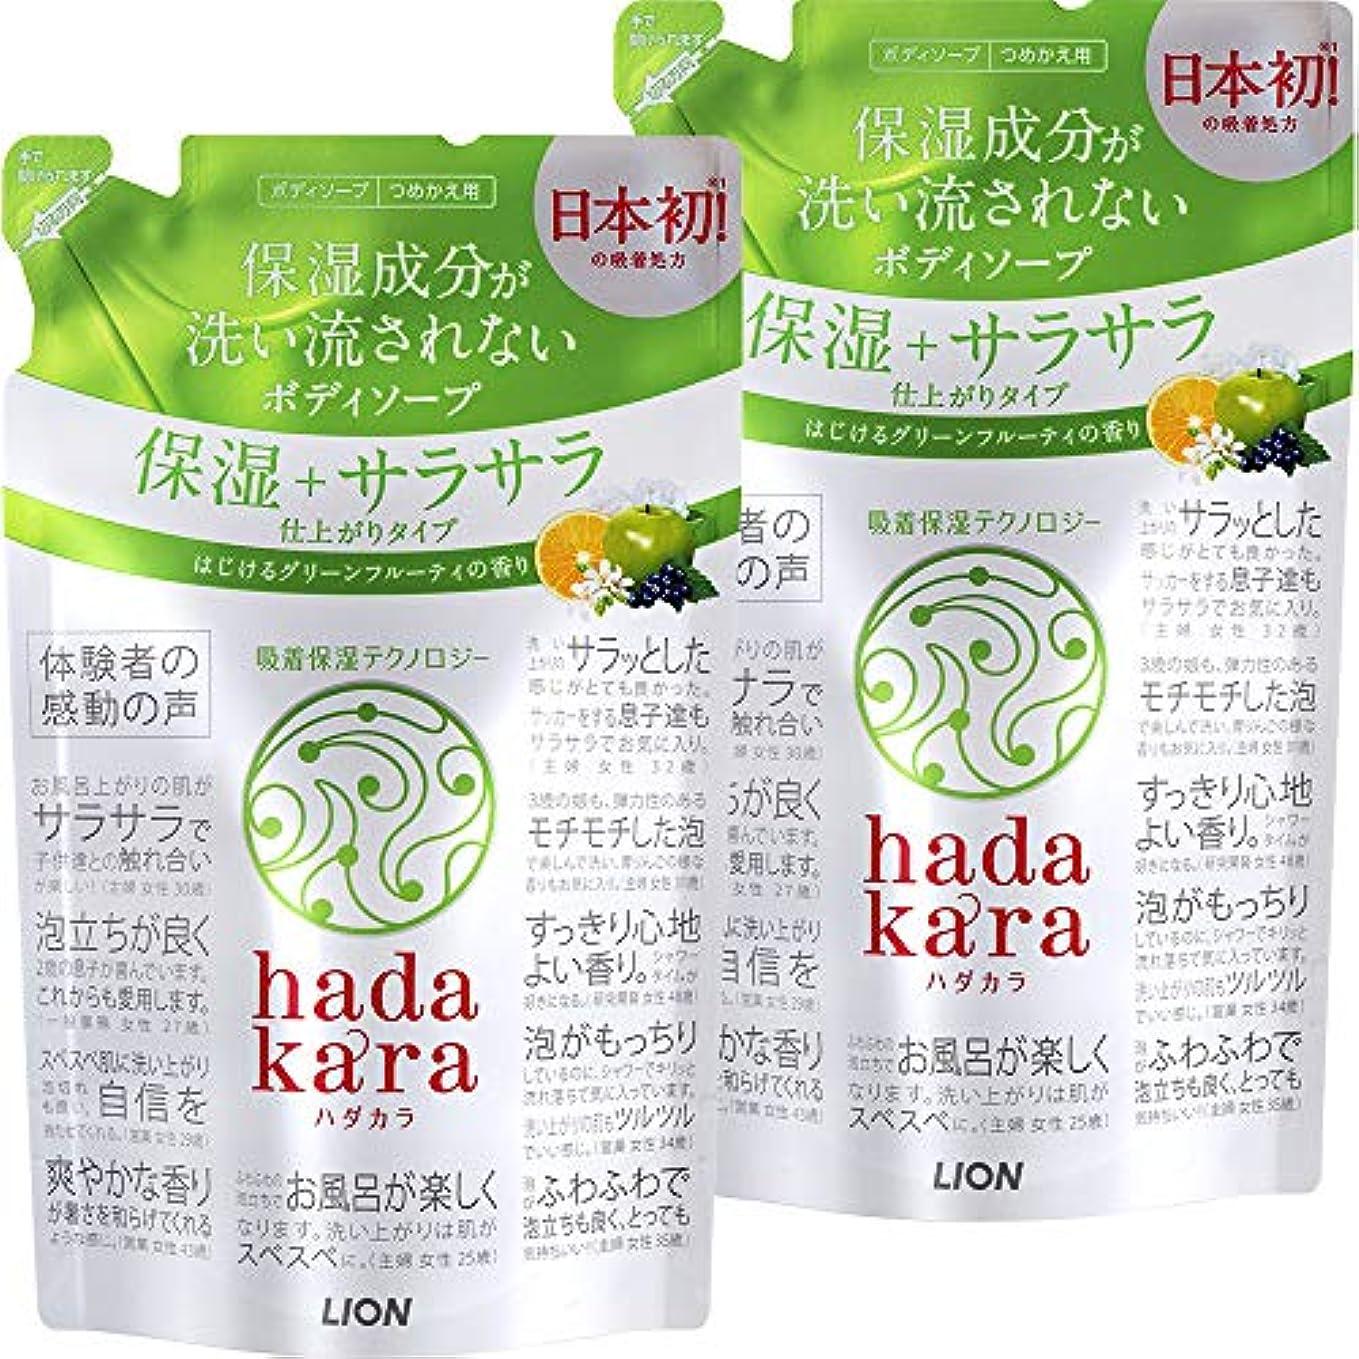 鈍い重なる眼【まとめ買い】hadakara(ハダカラ) ボディソープ 保湿+サラサラ仕上がりタイプ グリーンフルーティの香り 詰め替え 340ml×2個パック